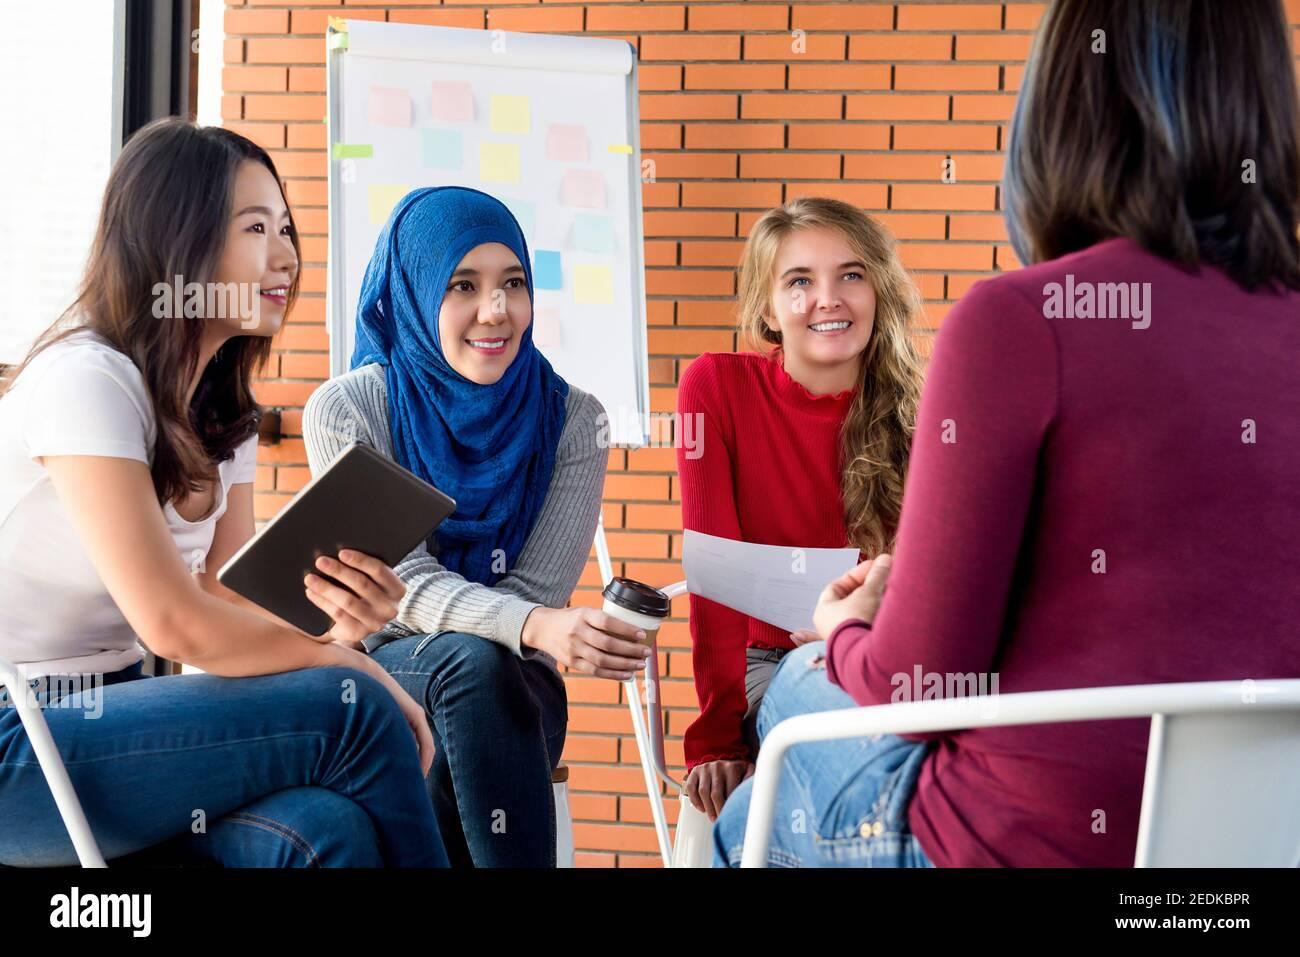 Grupo de mujeres diversas con ropa casual y colorida sentada reunión circular para el proyecto social Foto de stock